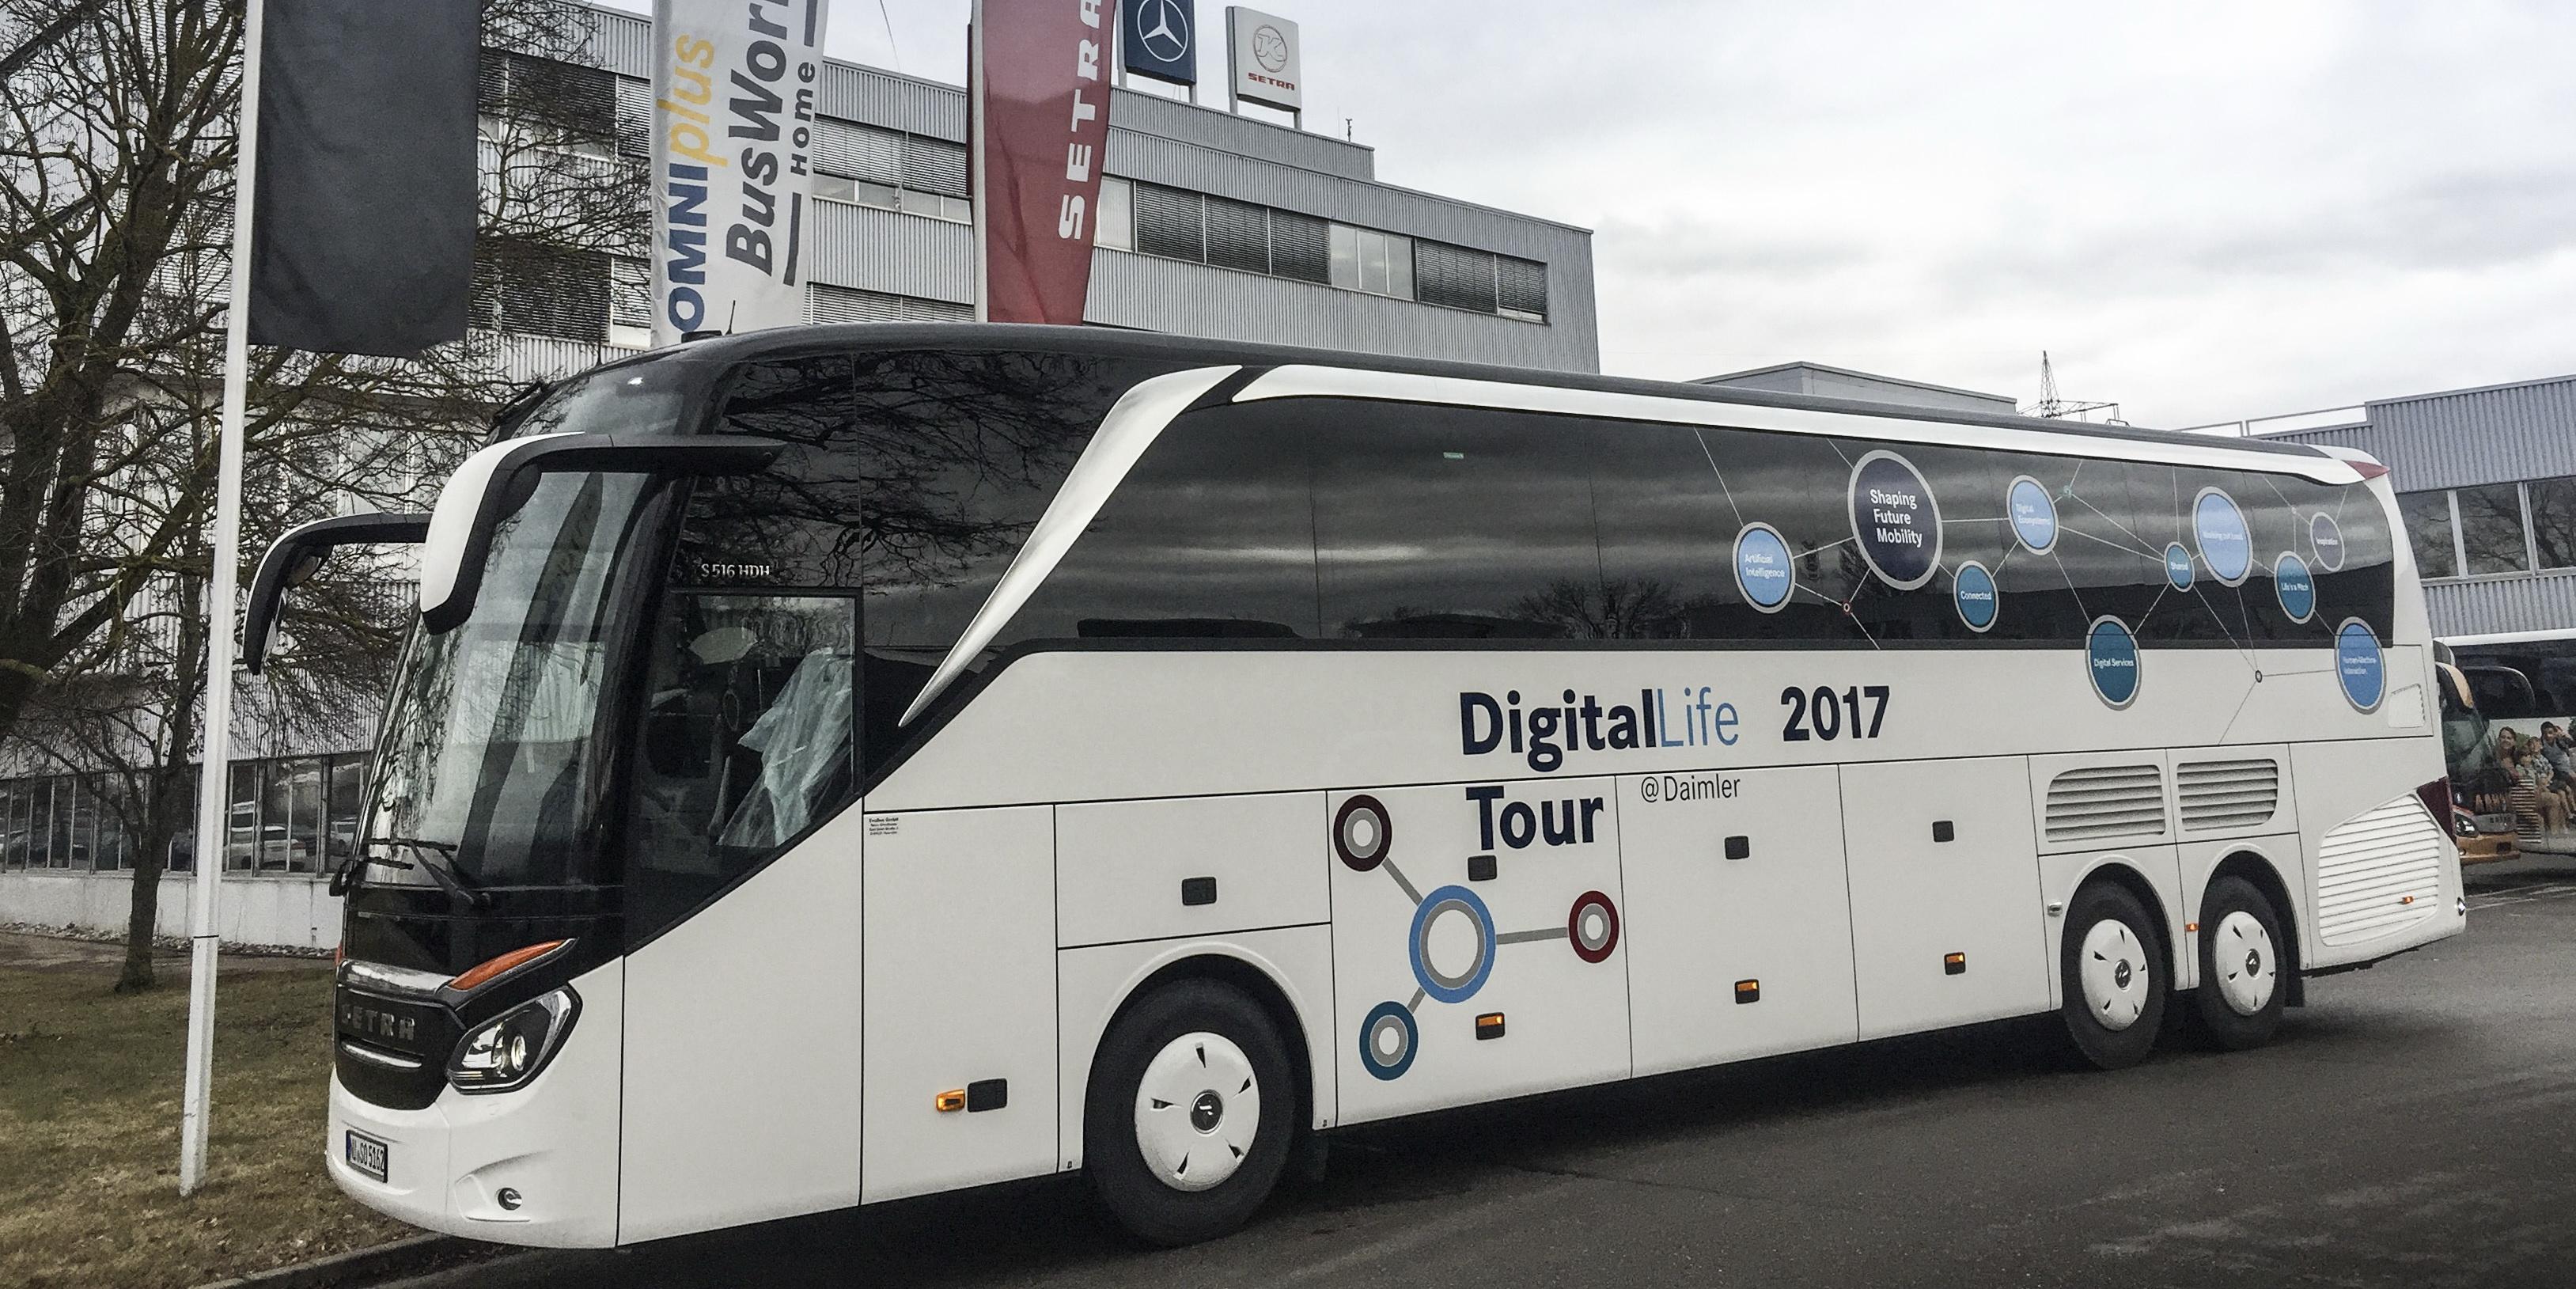 Mwc 2017 mercedes benz hack on bus tour 10 coder in der for Mercedes benz tour bus